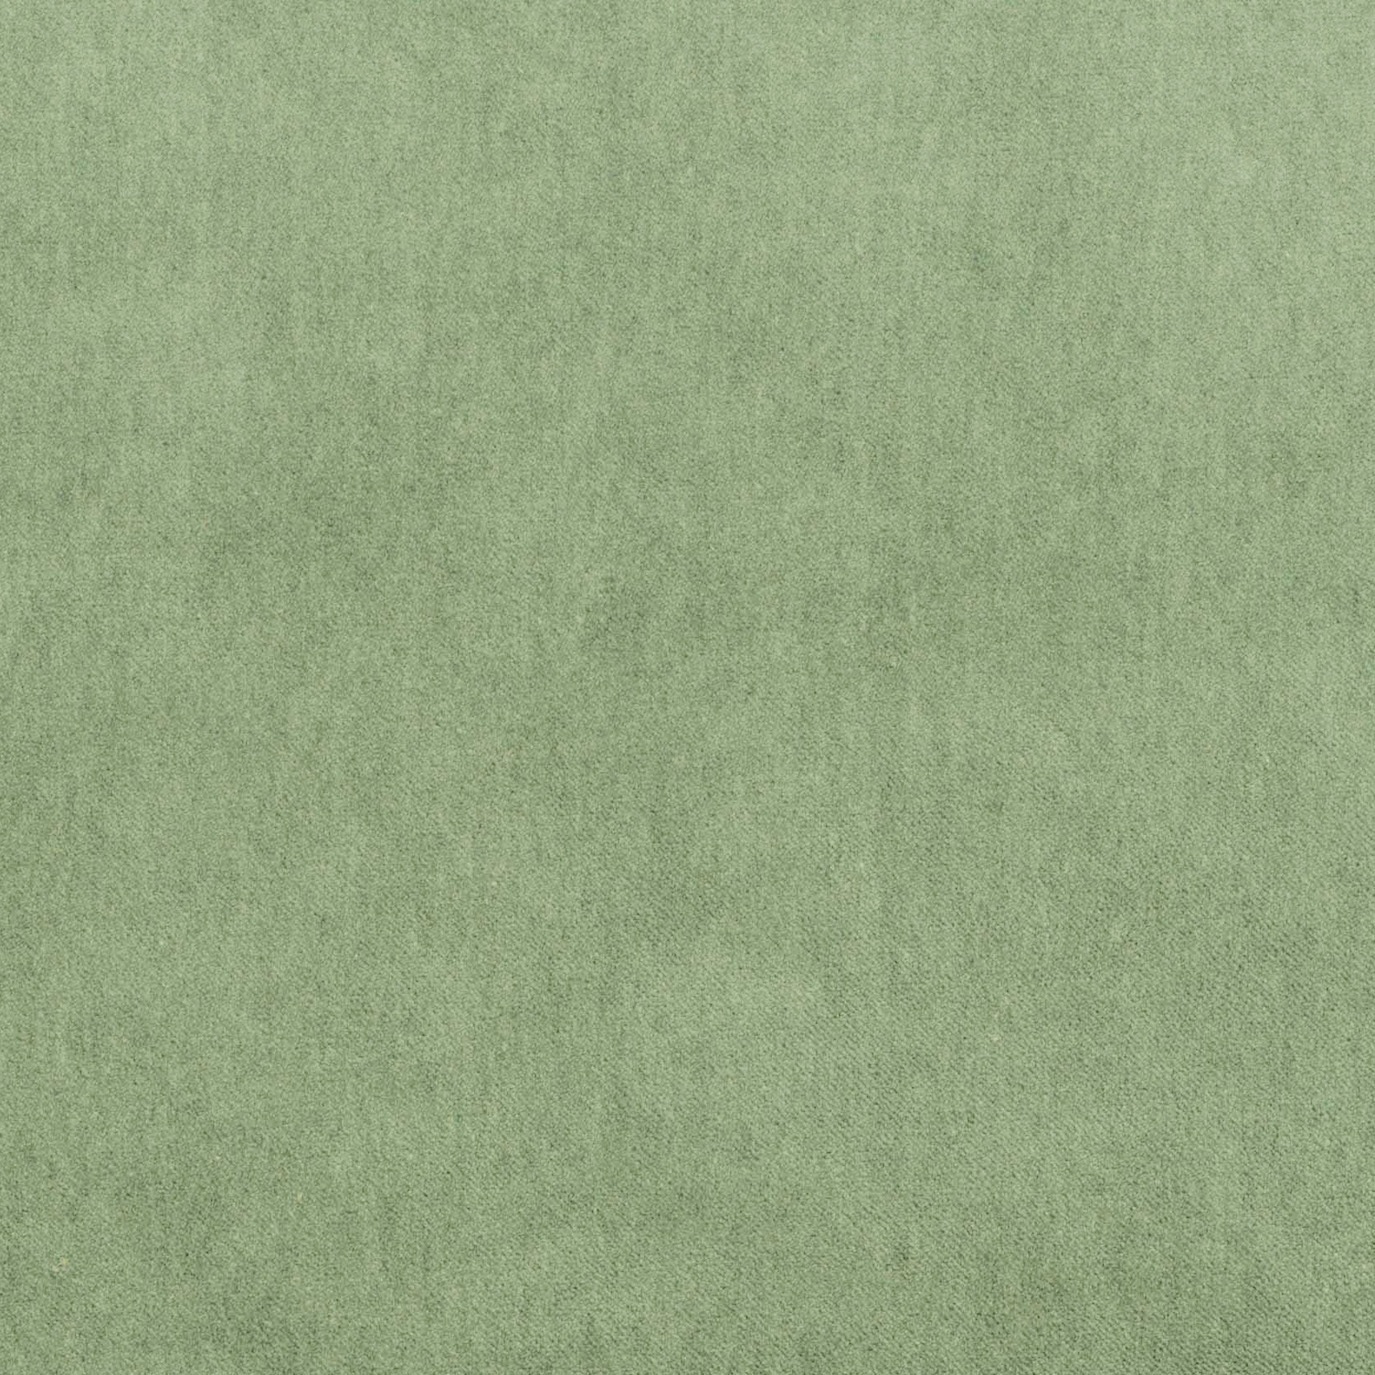 4 Malibu velvet green